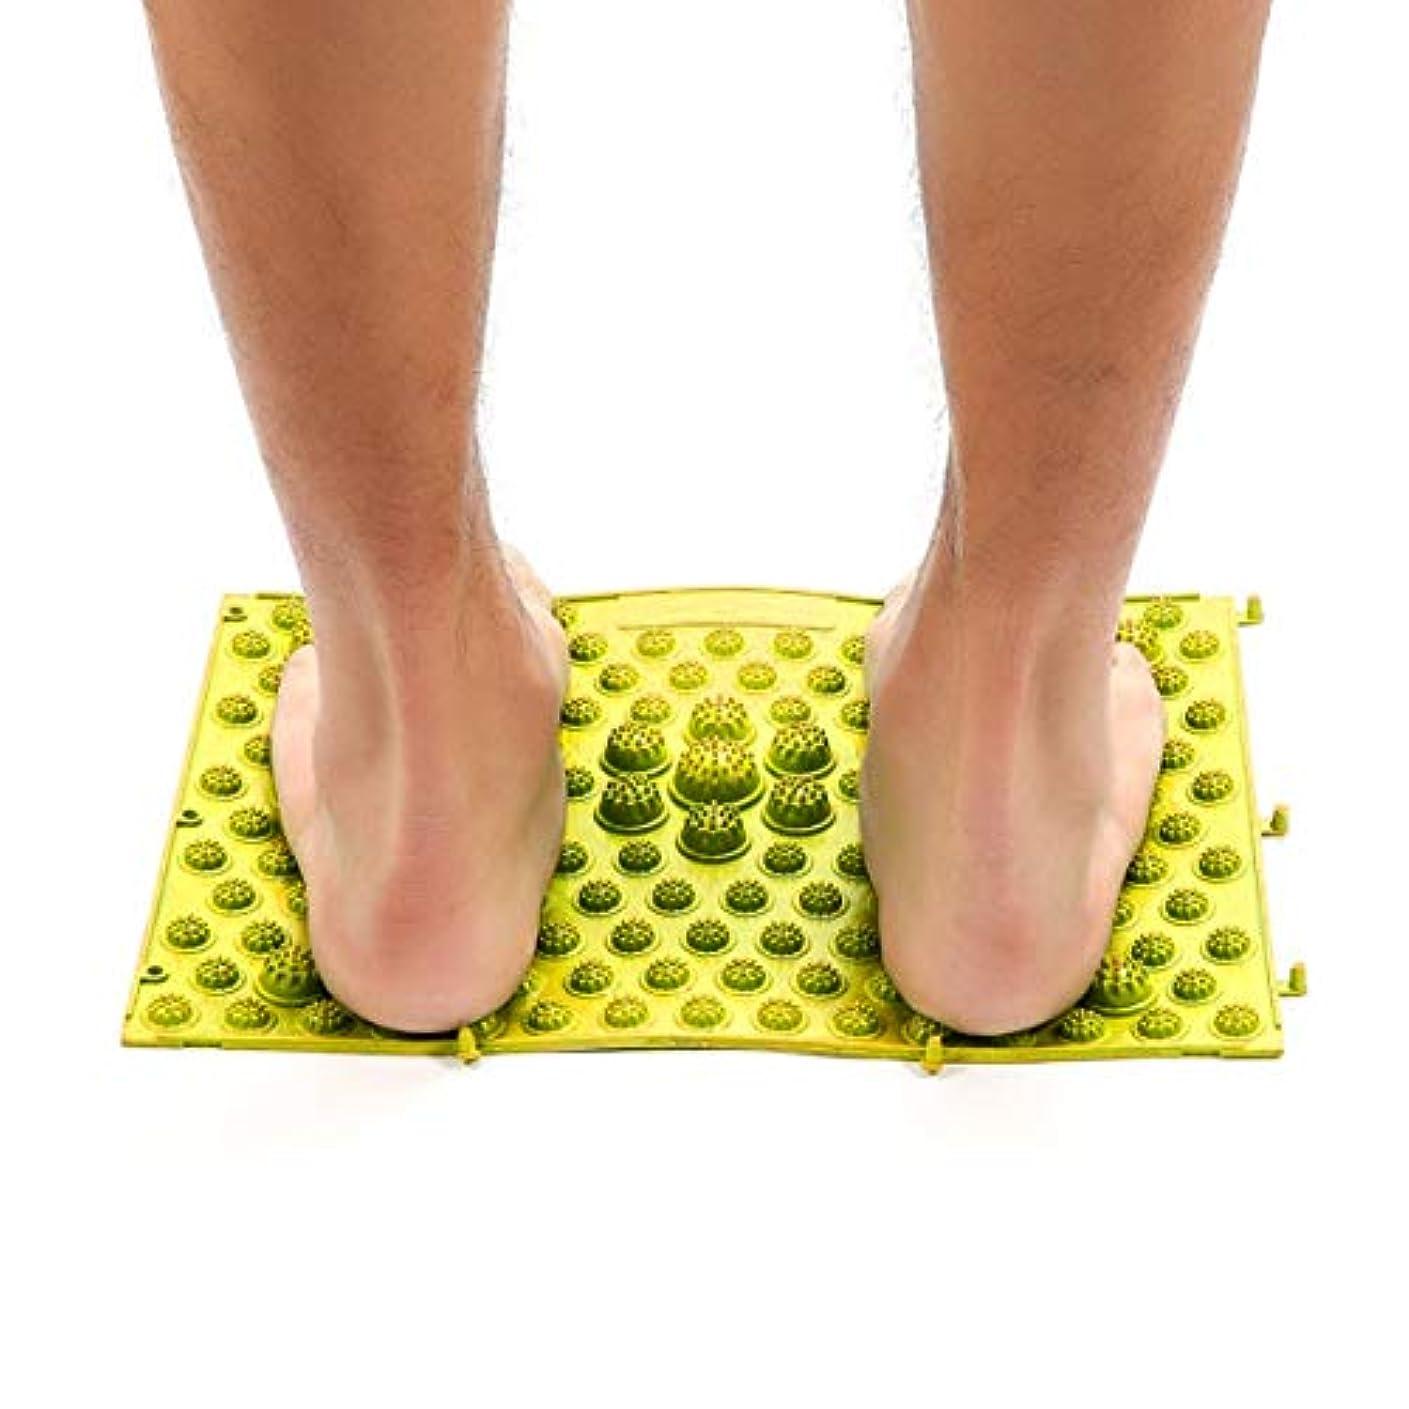 ほのかコミュニティ優先Acupressure Foot Mats Running Man Game Same Type Foot Reflexology Walking Massage Mat for Pain Relief Stress Relief...